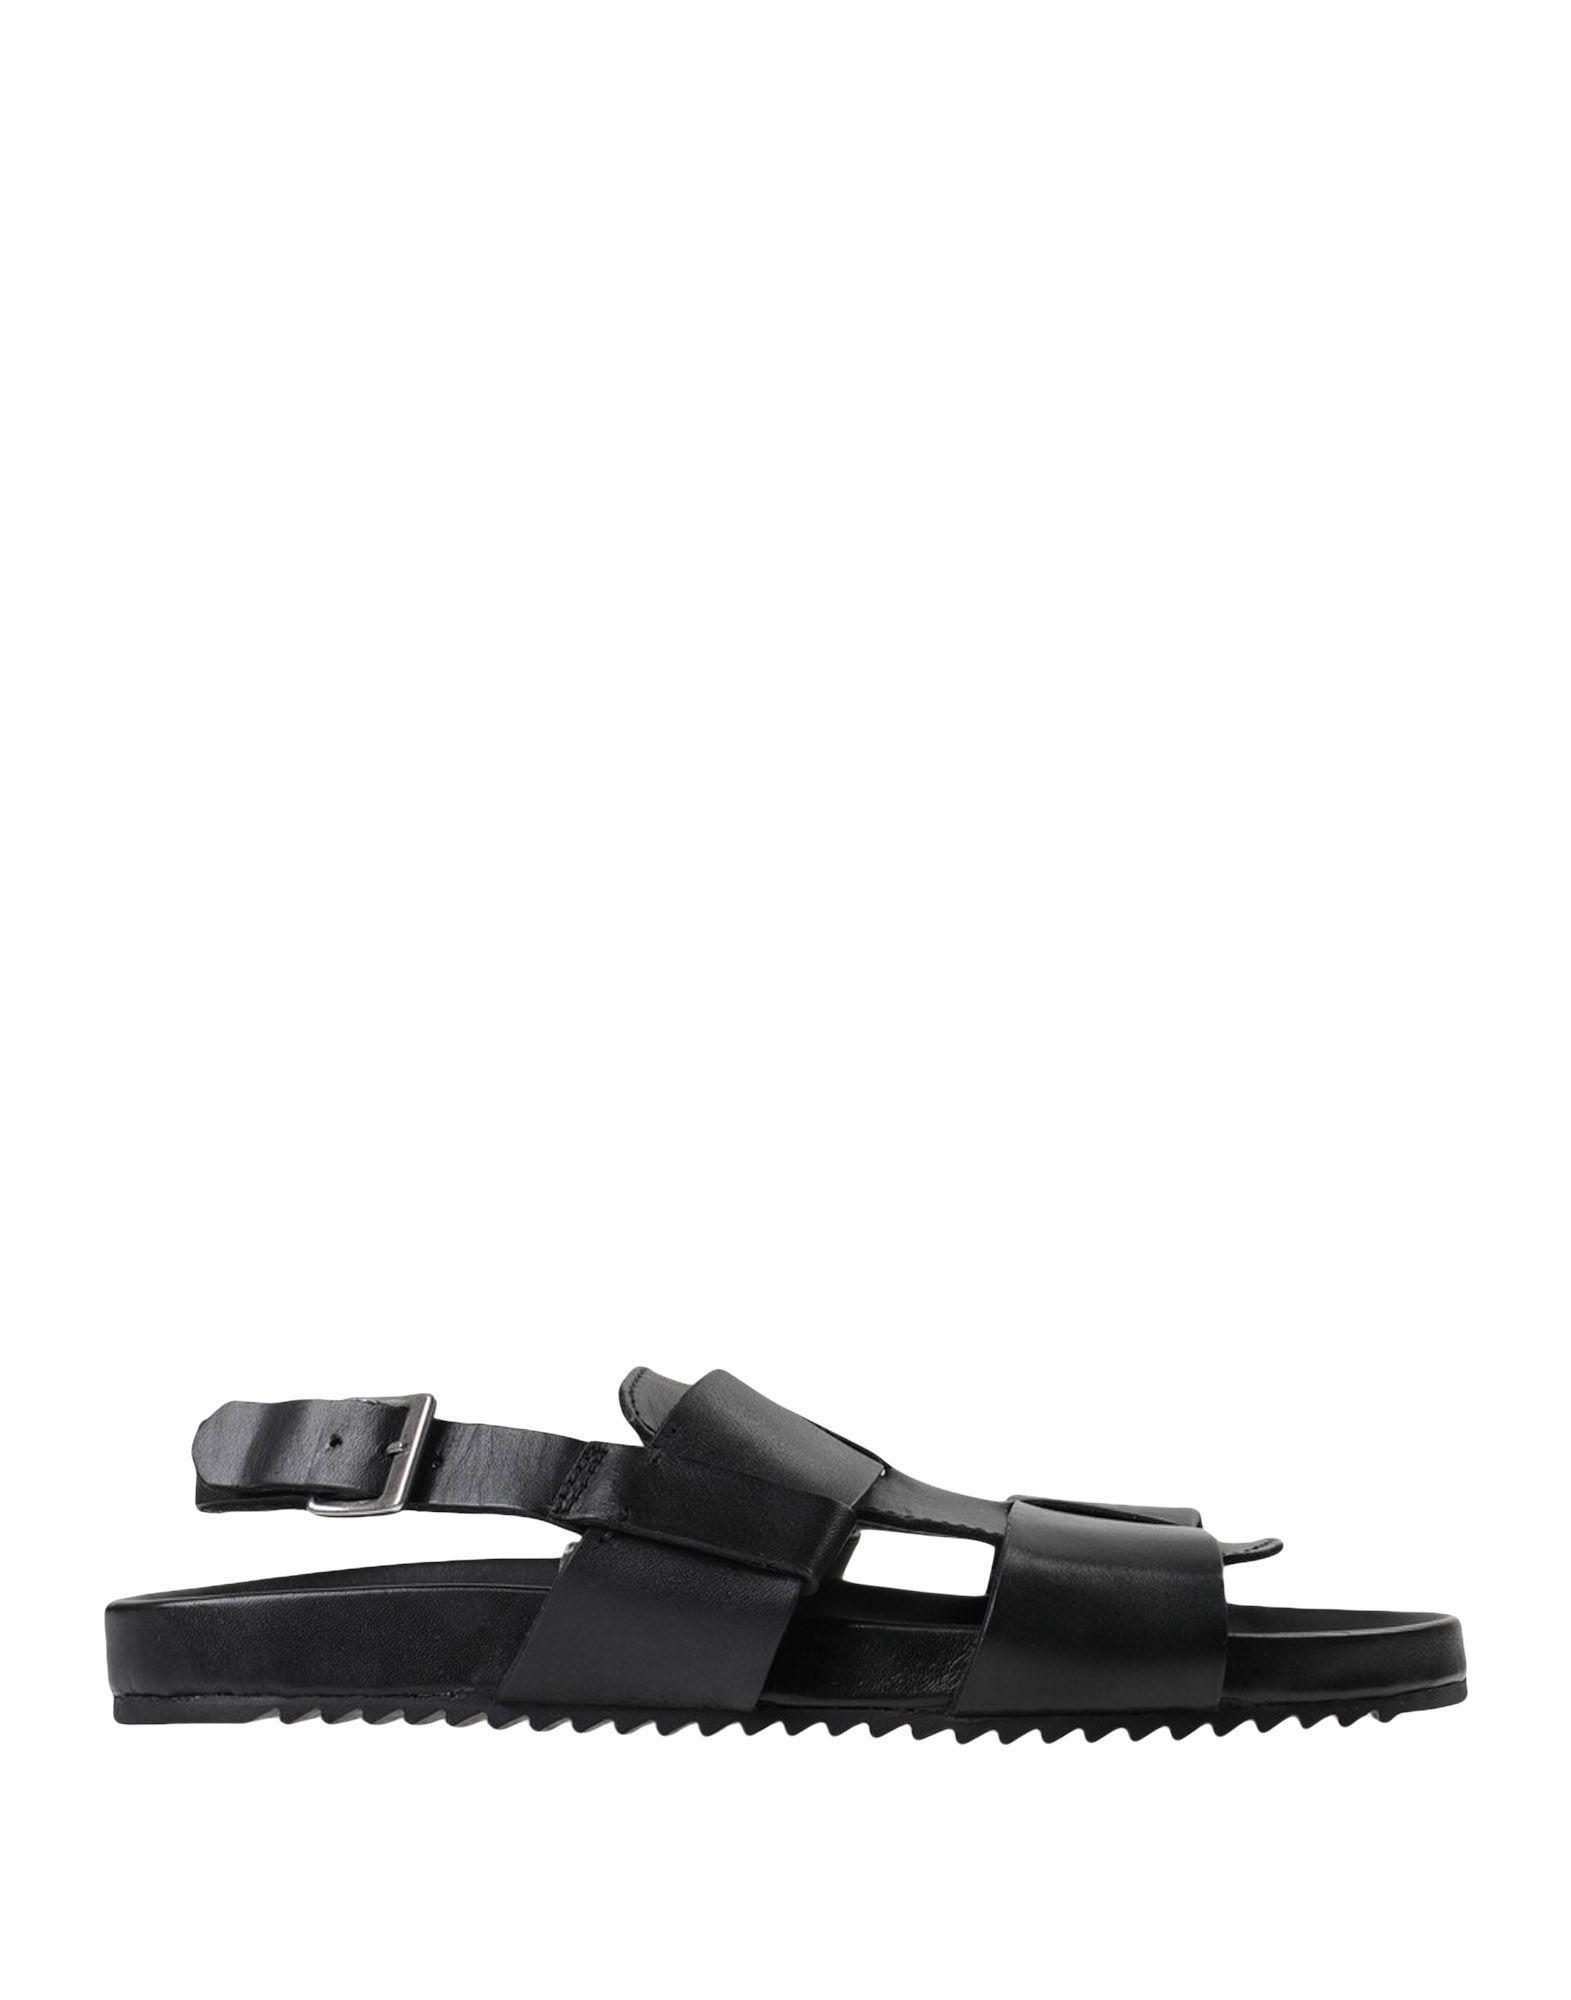 b7d26e792d8f GRENSON - Black Sandals for Men - Lyst. View fullscreen